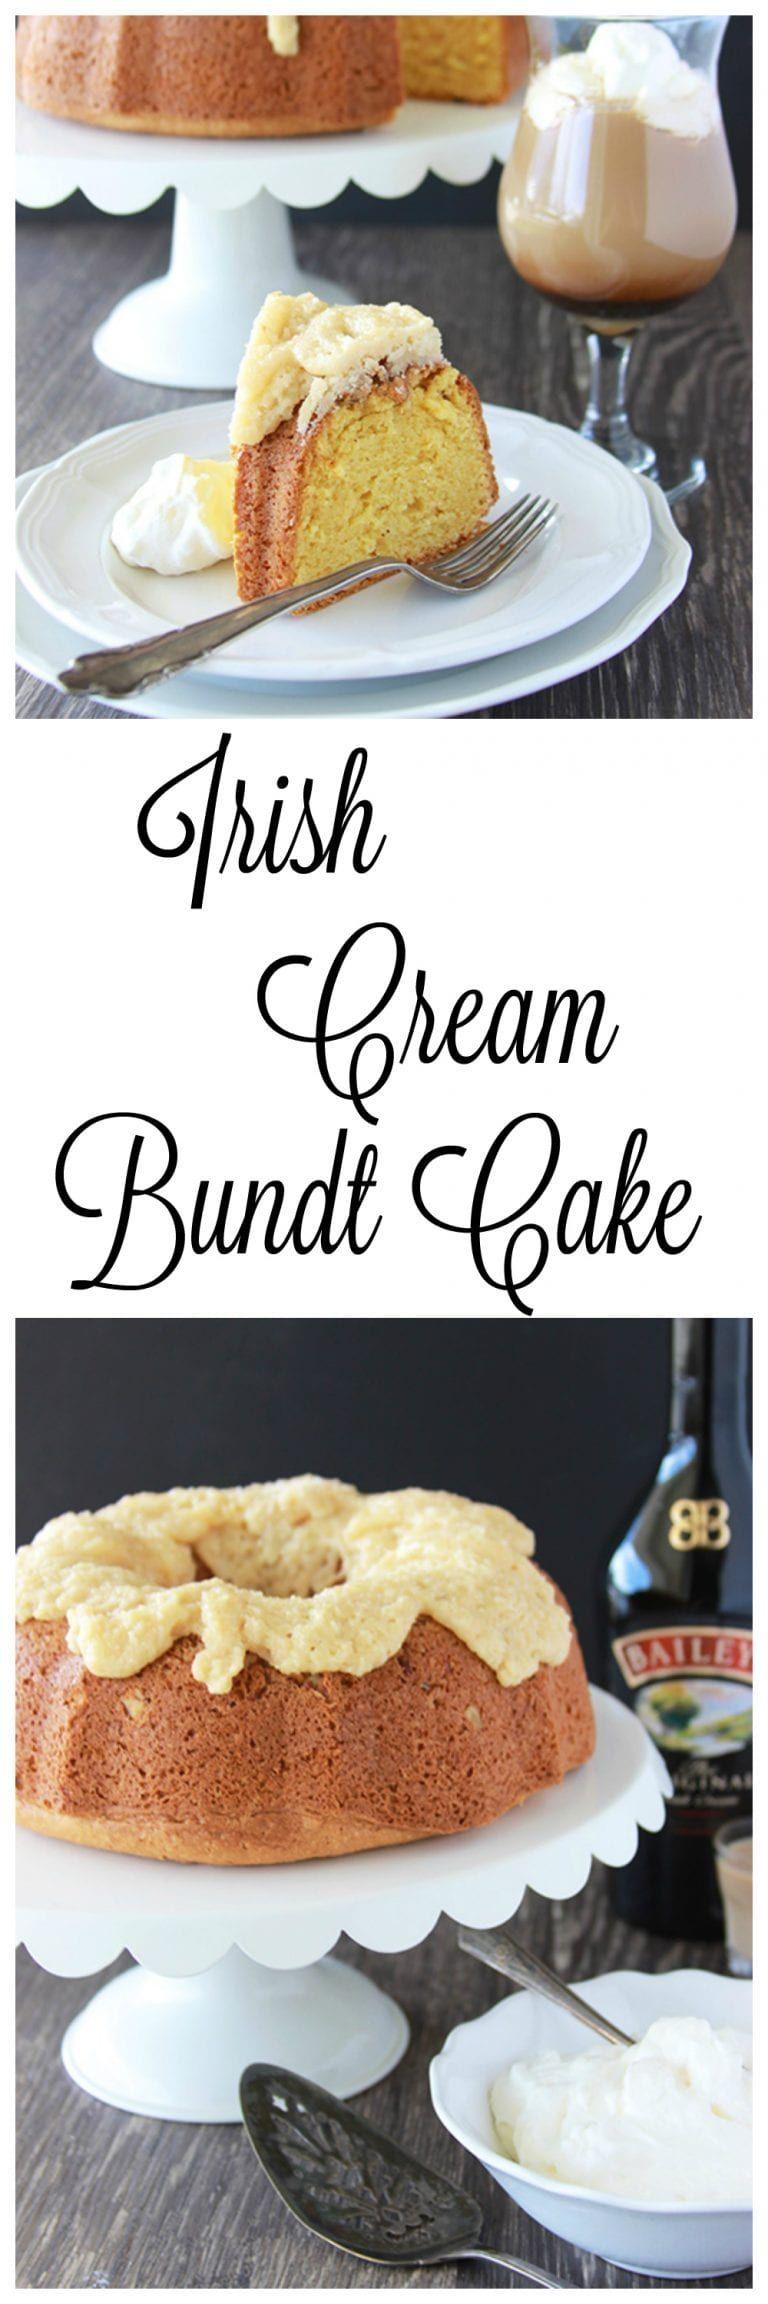 Irish cream bundt cake recipe easy irish desserts